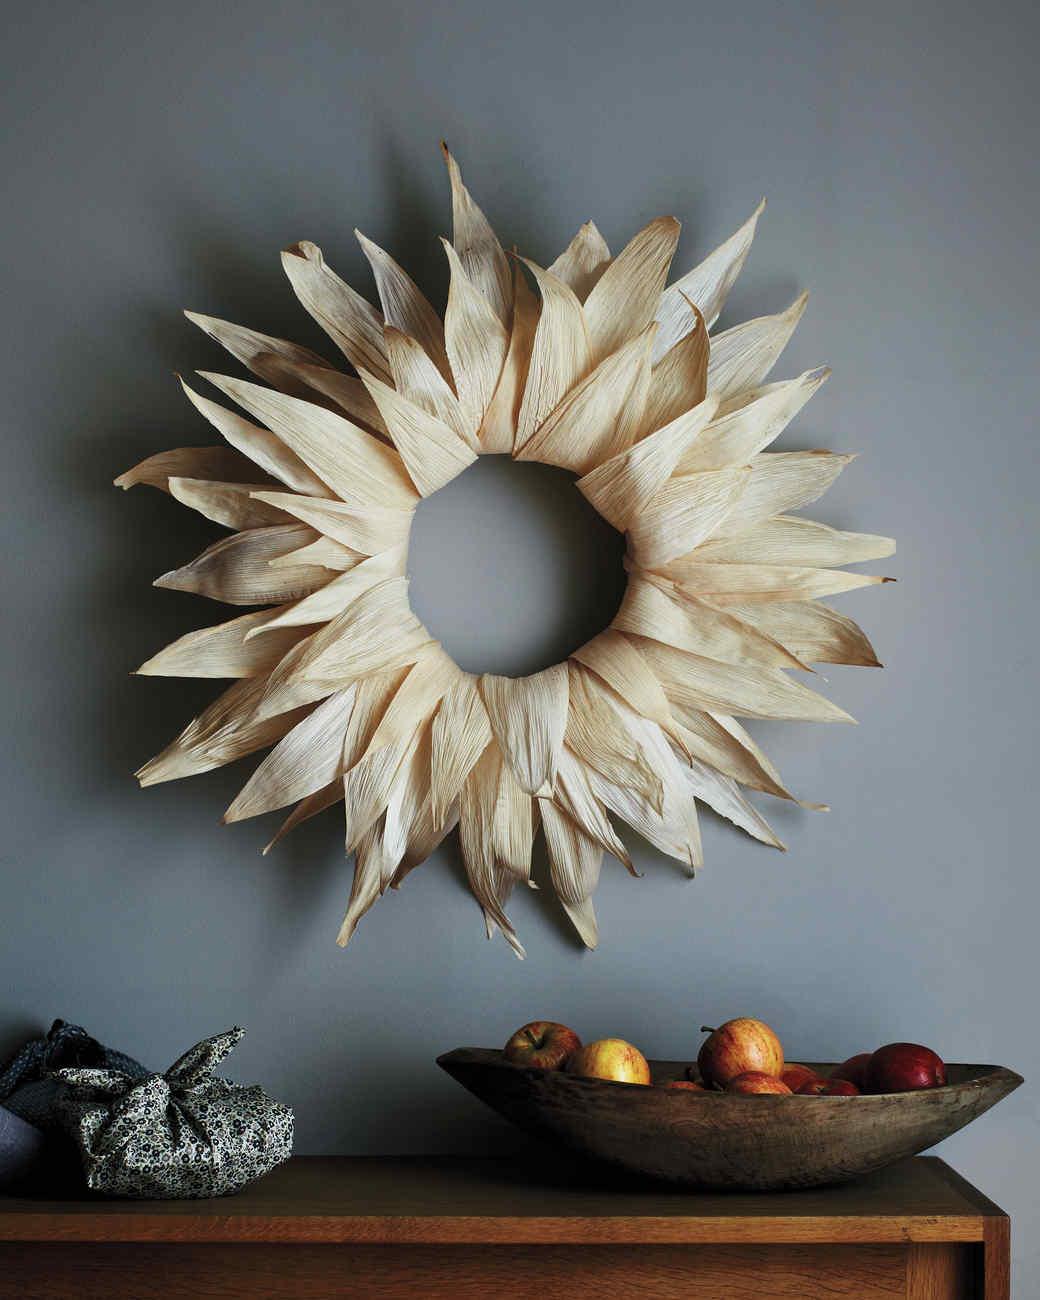 wreath-0200-md110457.jpg